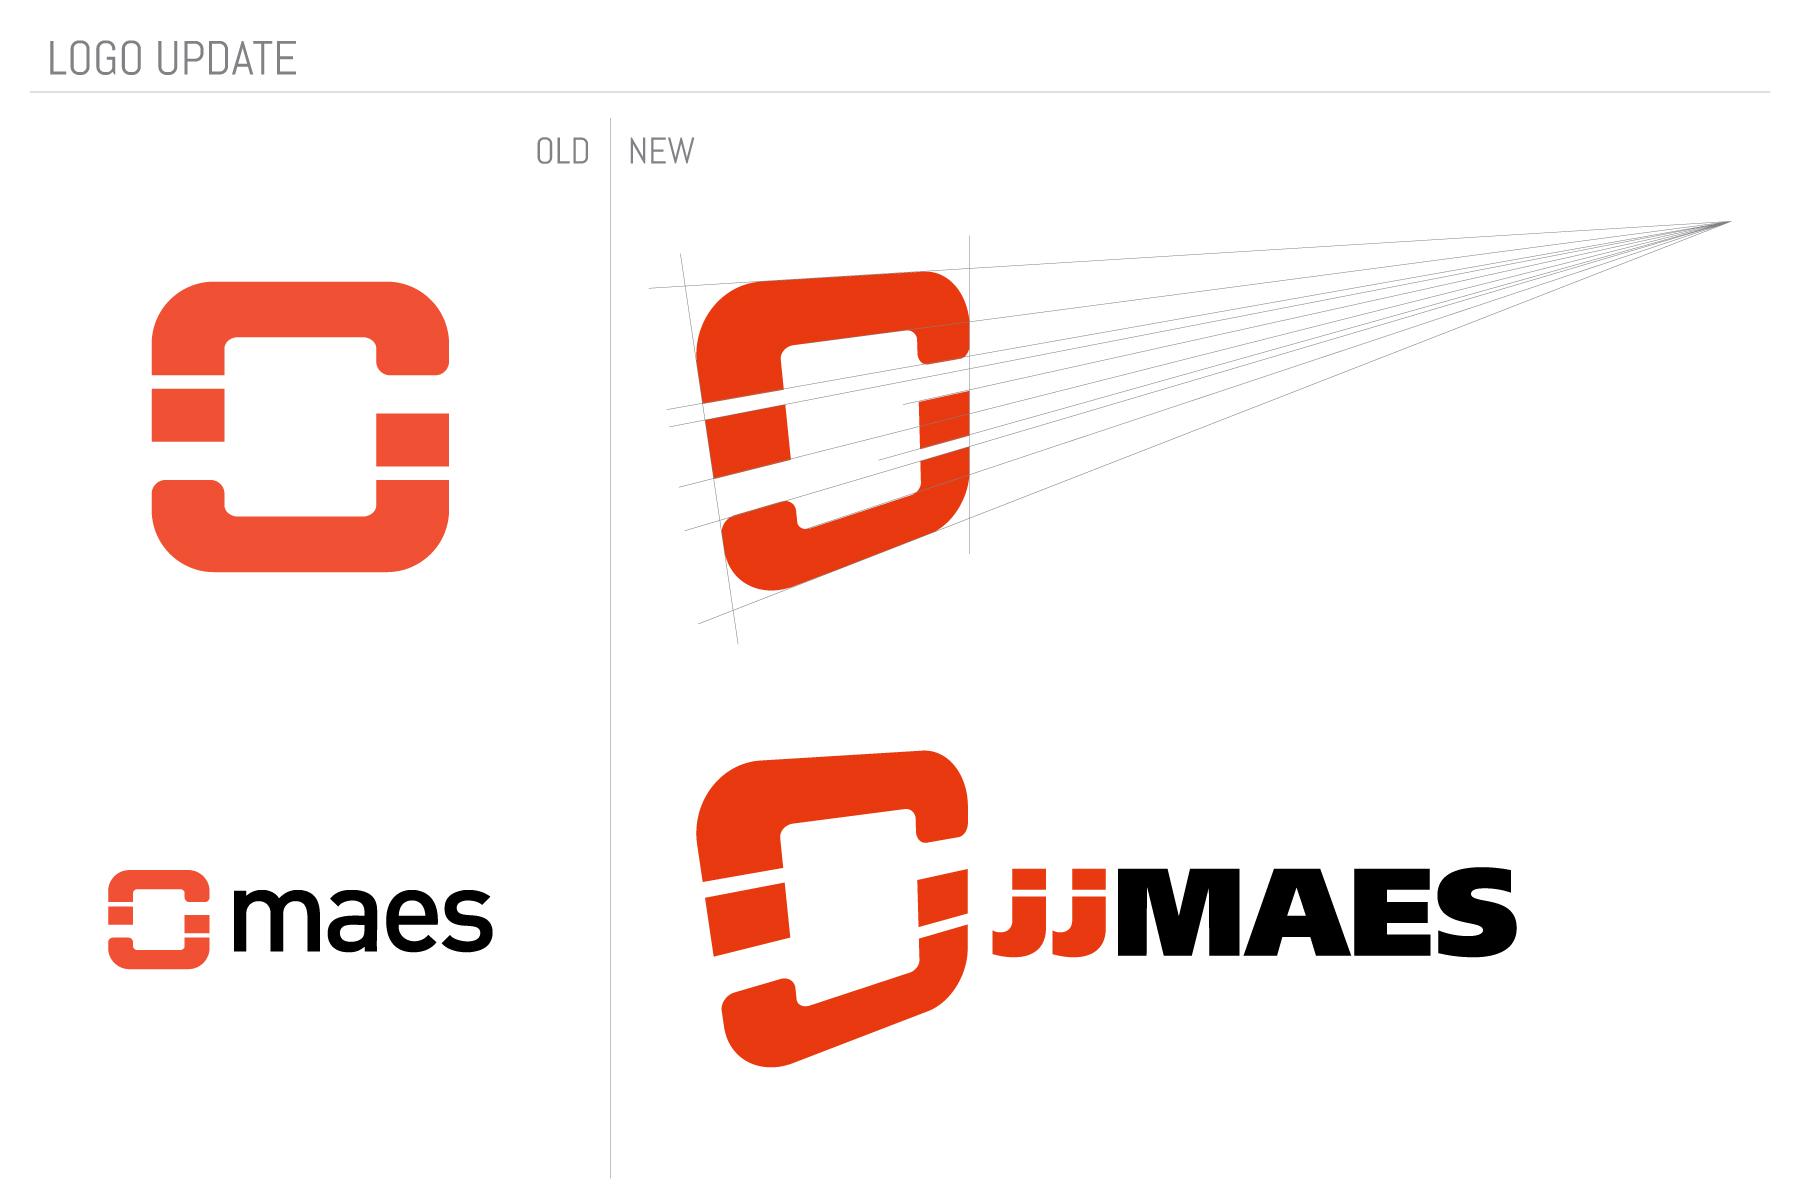 JJ Maes Logo Update